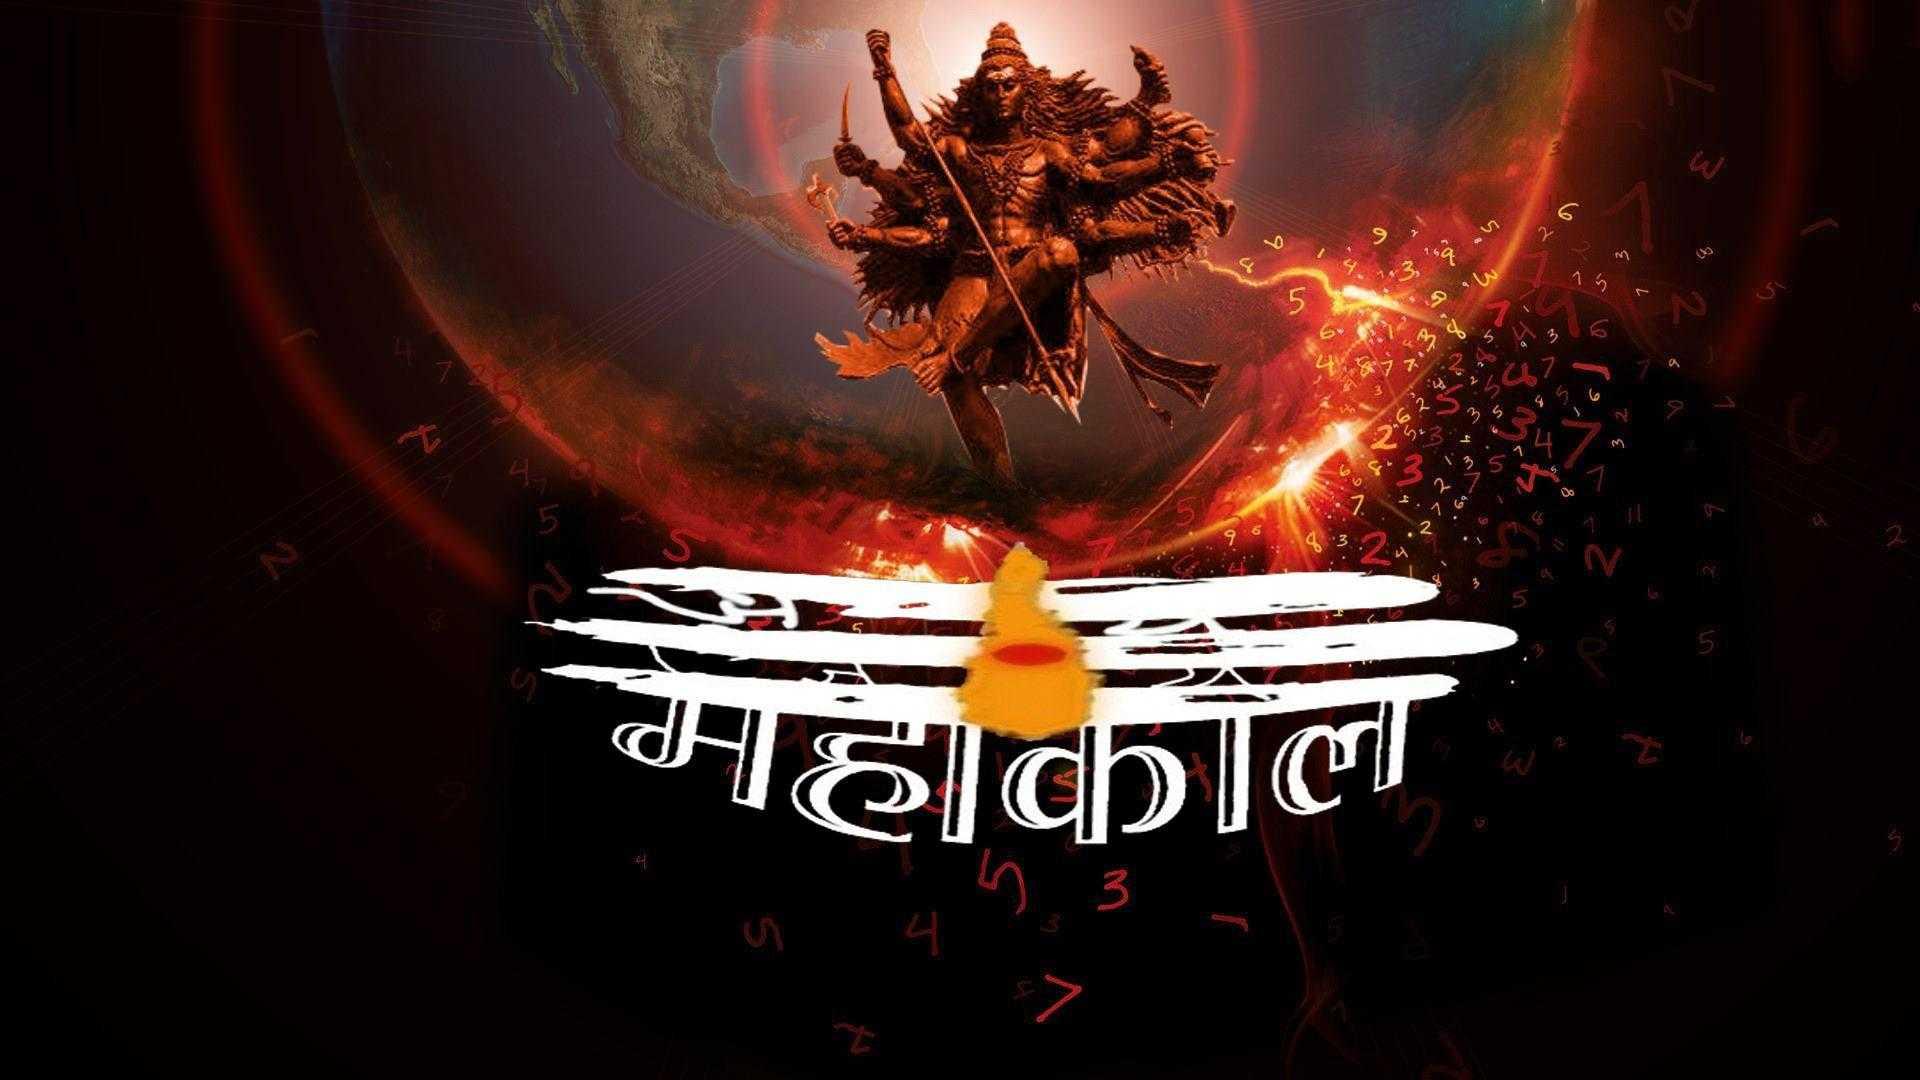 Lord Mahakal HD Wallpaper Download - Lord Mahakal HD Wallpaper Download